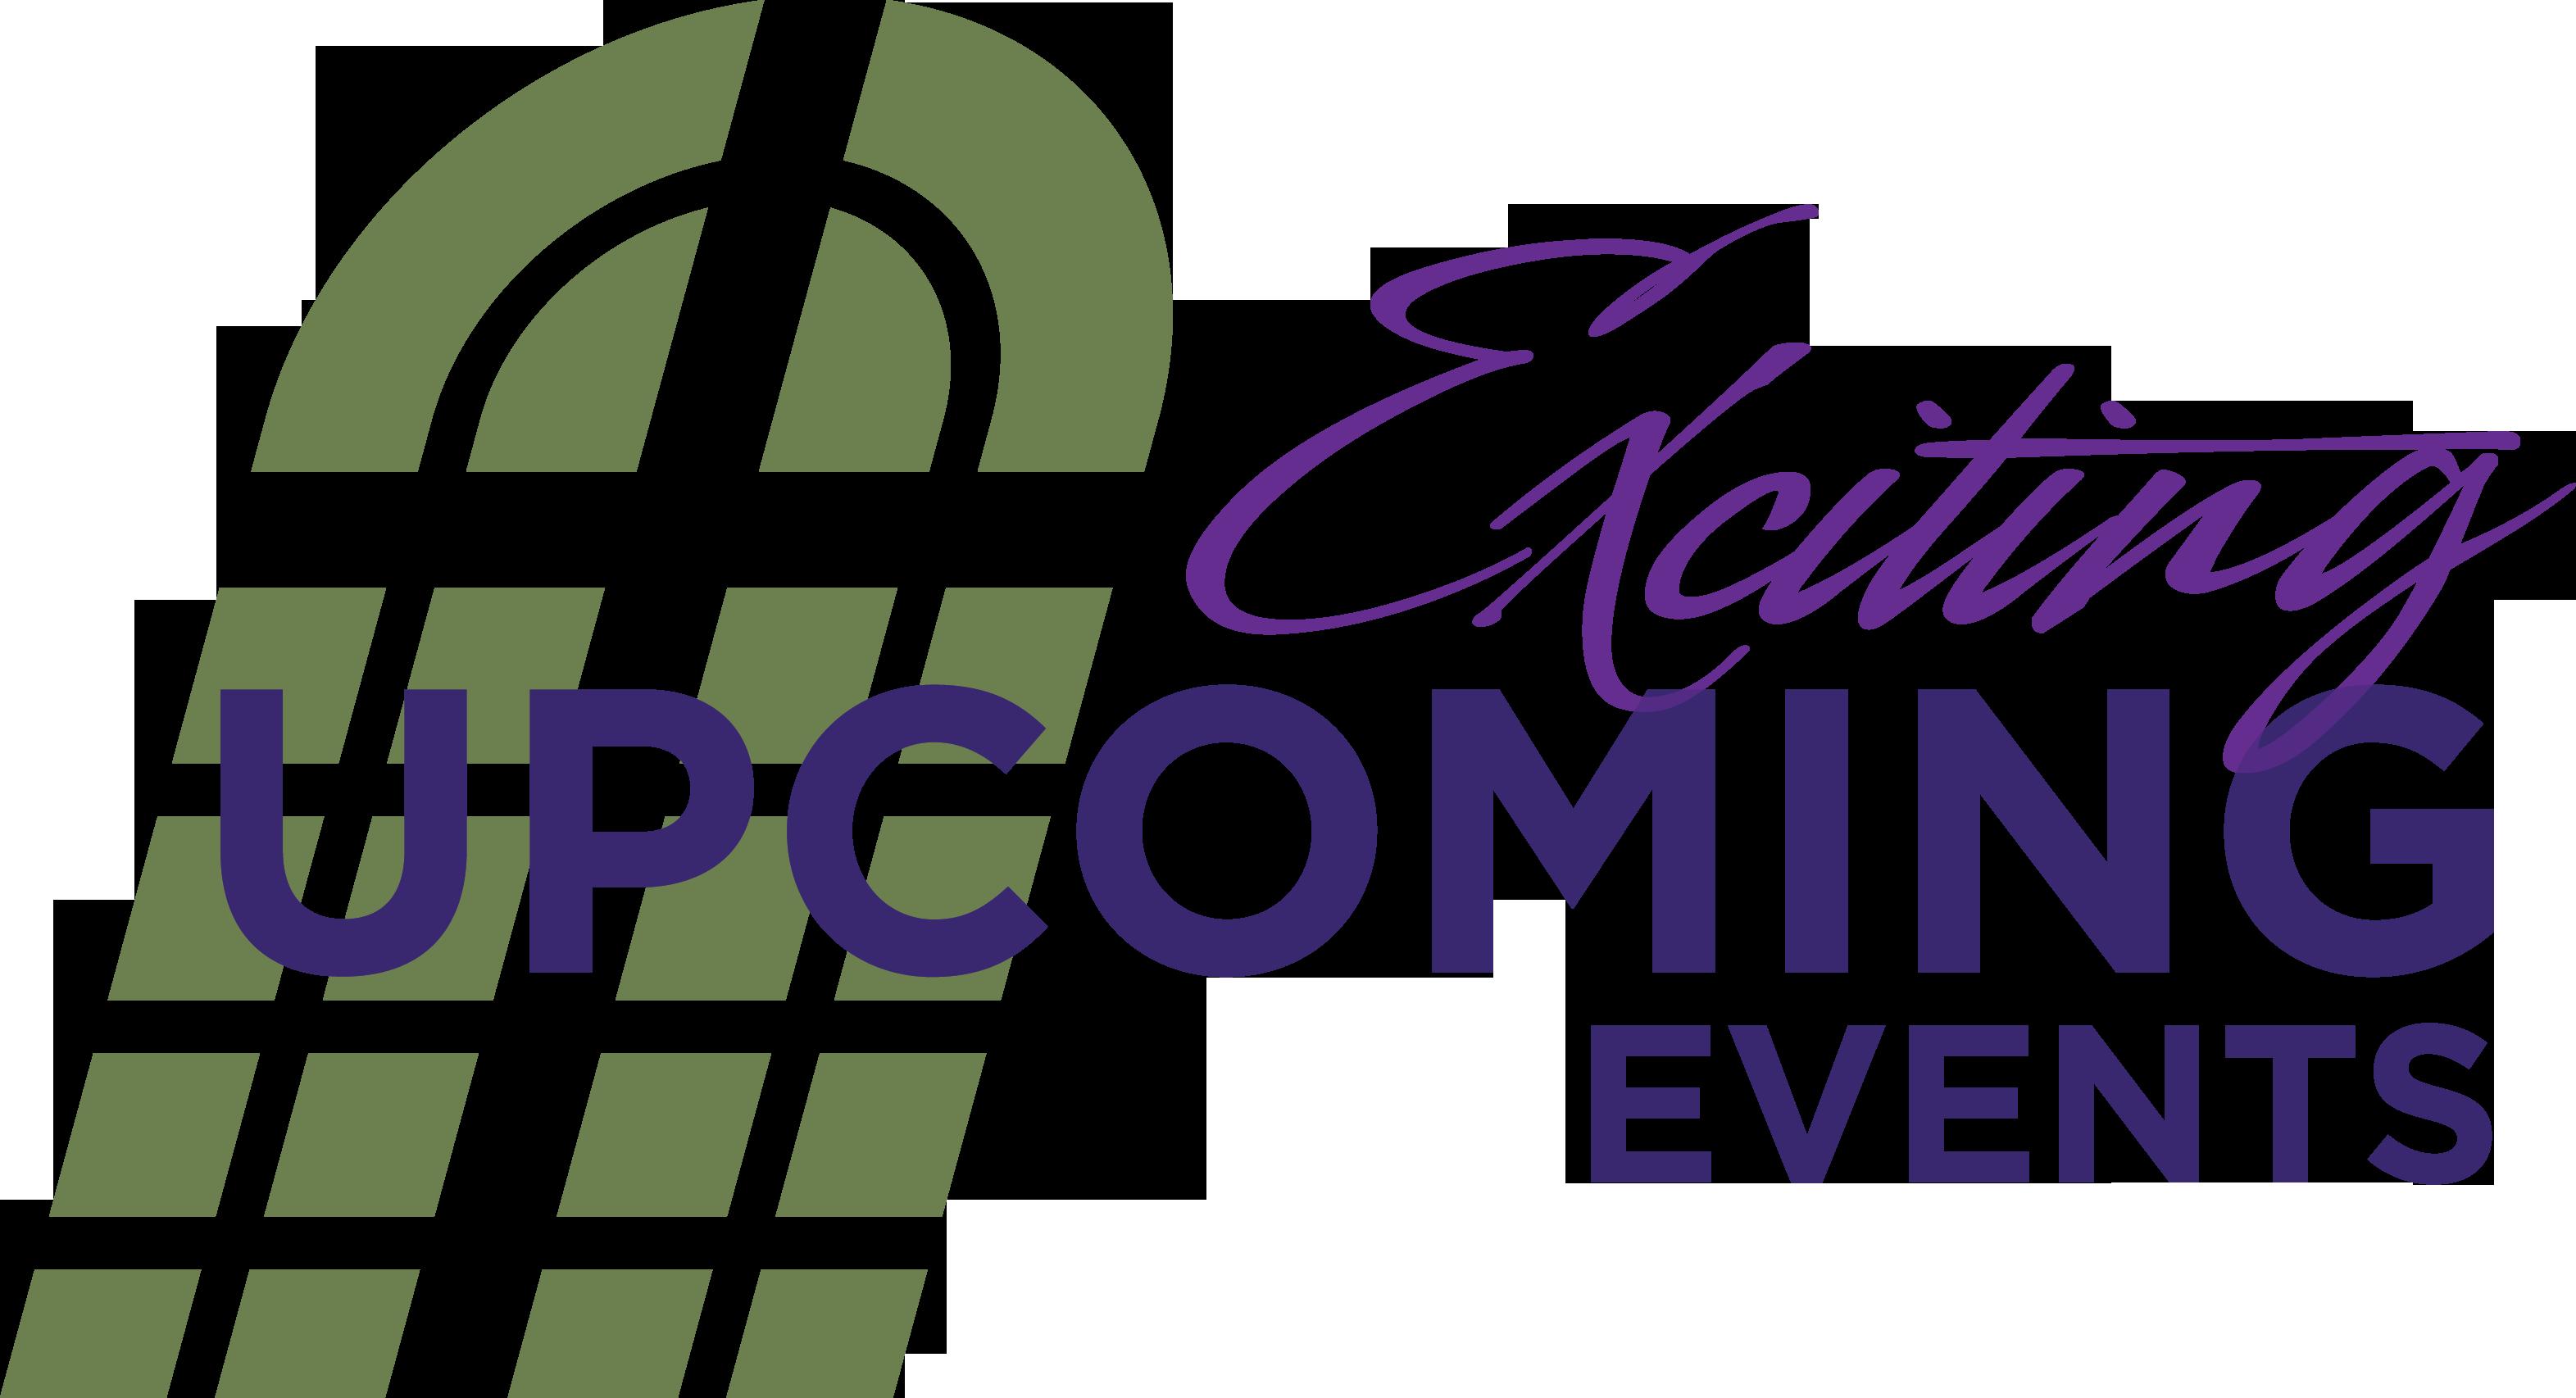 Events Clip Art - Upcoming Events Clip Art